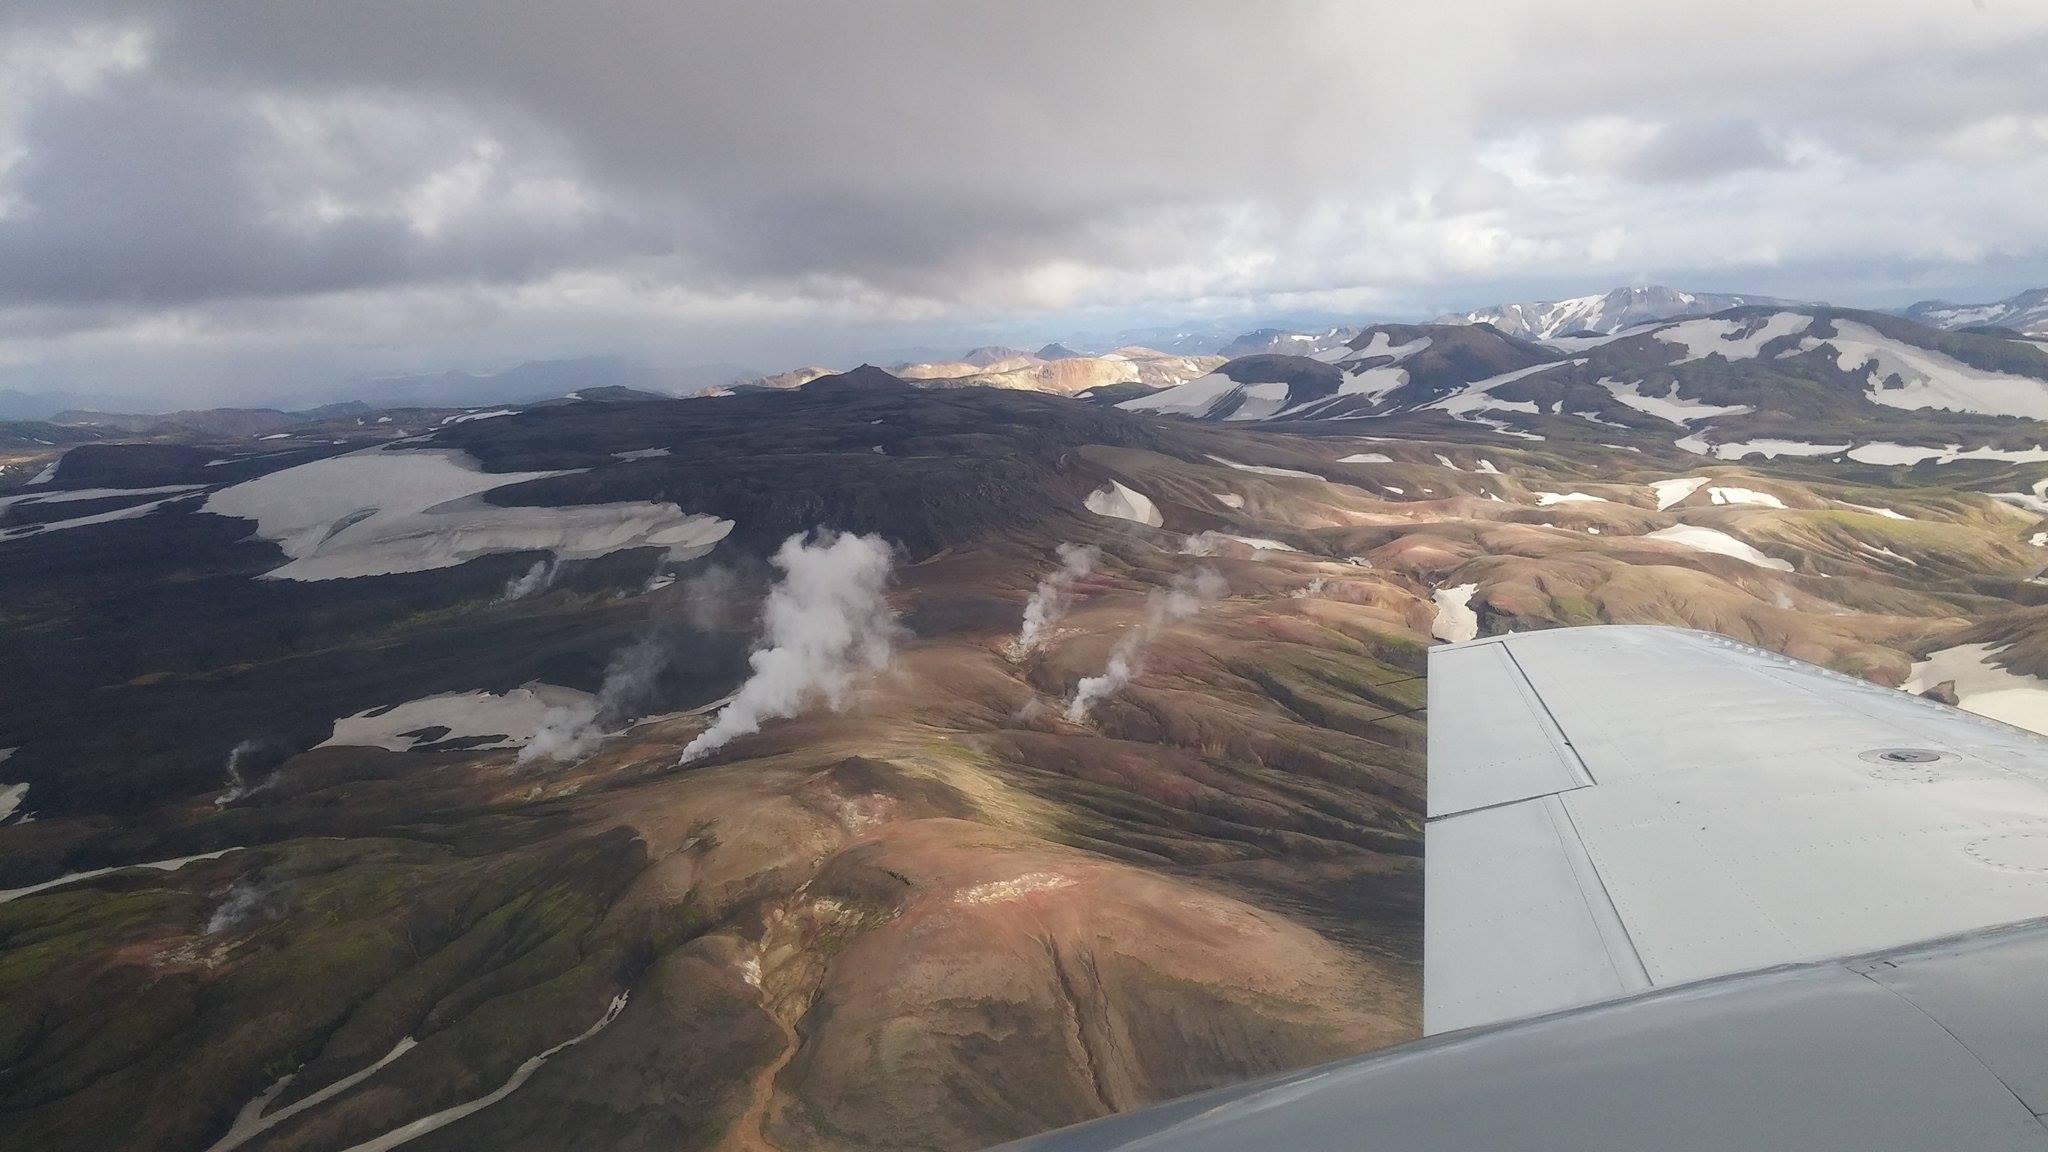 冰岛内陆高地的流纹岩风光在空中俯瞰更加震撼。